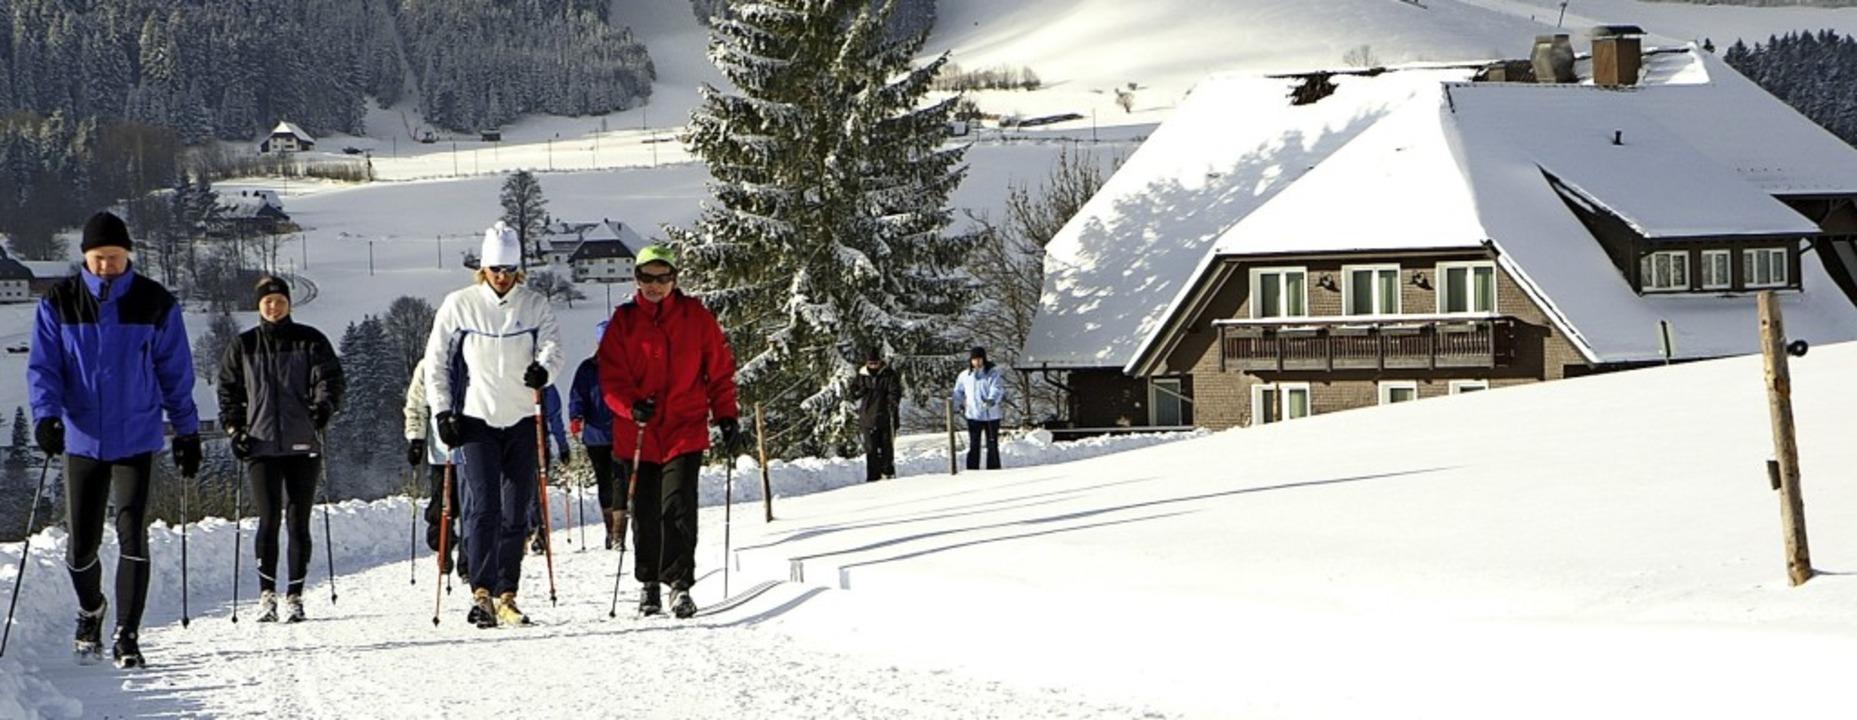 Auch im Winter sind wohl verstärkt Aus...r liegenzulassen, sondern mitzunehmen.  | Foto: Dieter Maurer